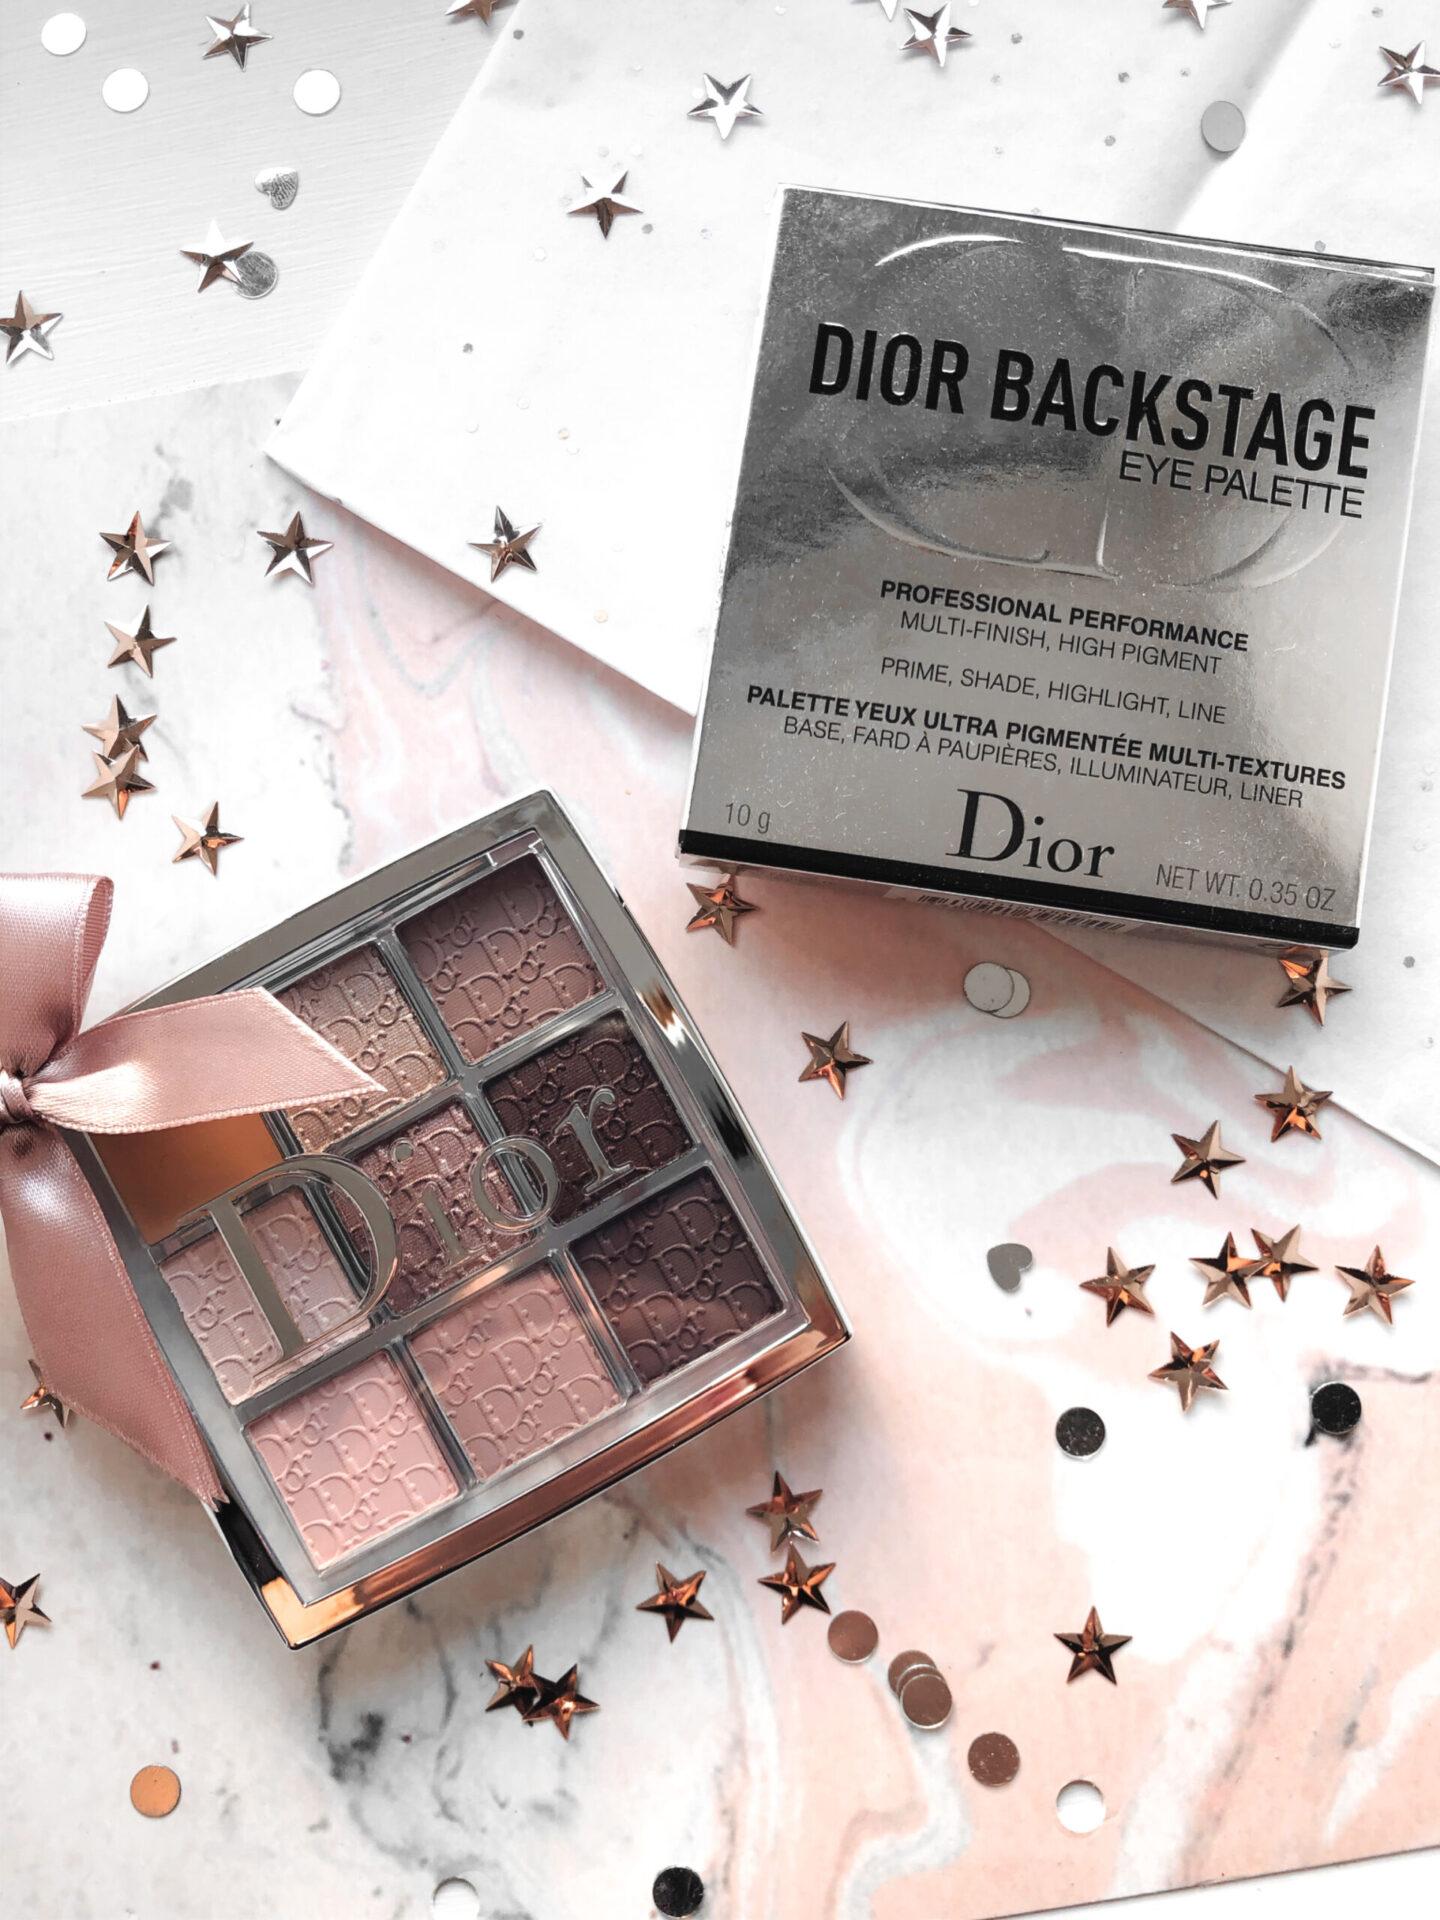 Dior Backstage Palette